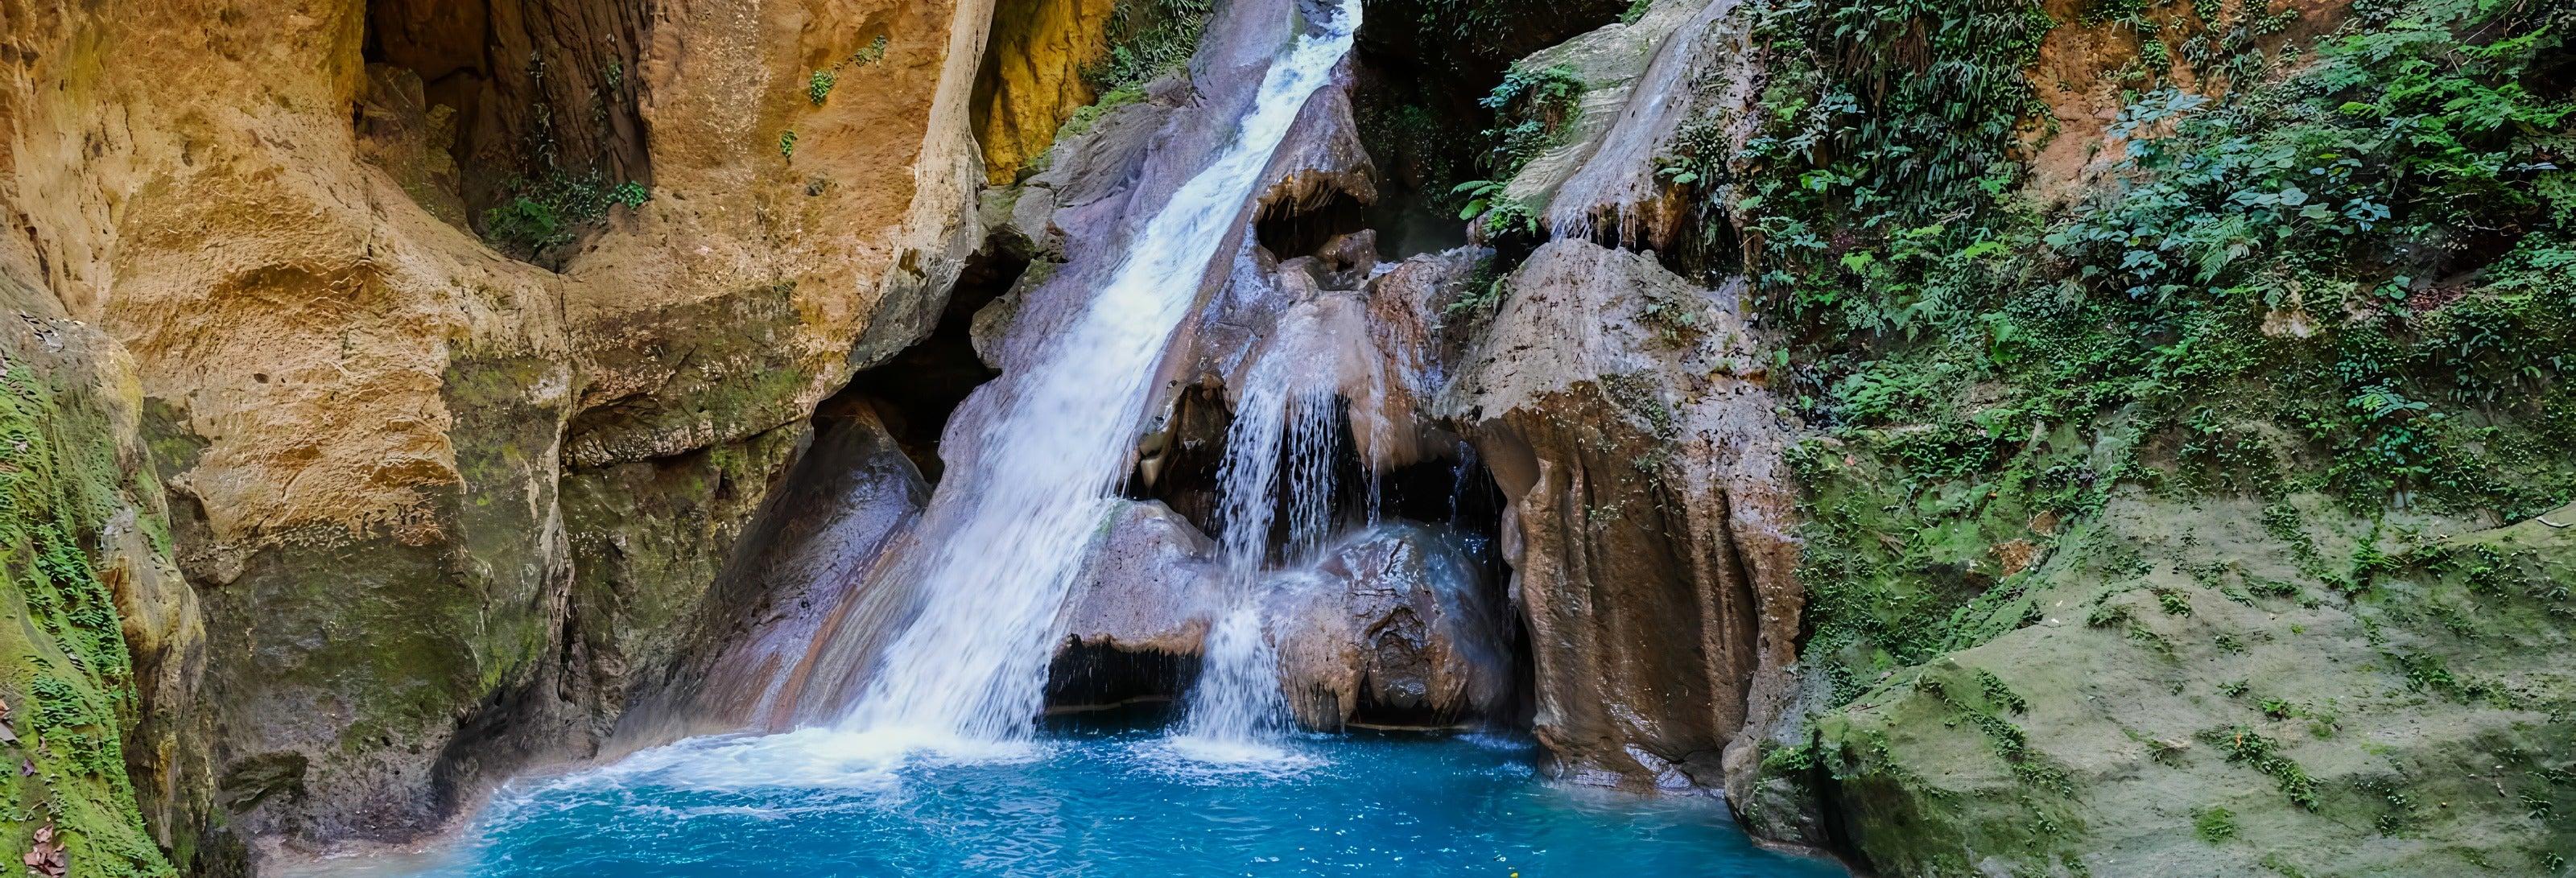 Escursione a Jacmel e Bassin Bleu